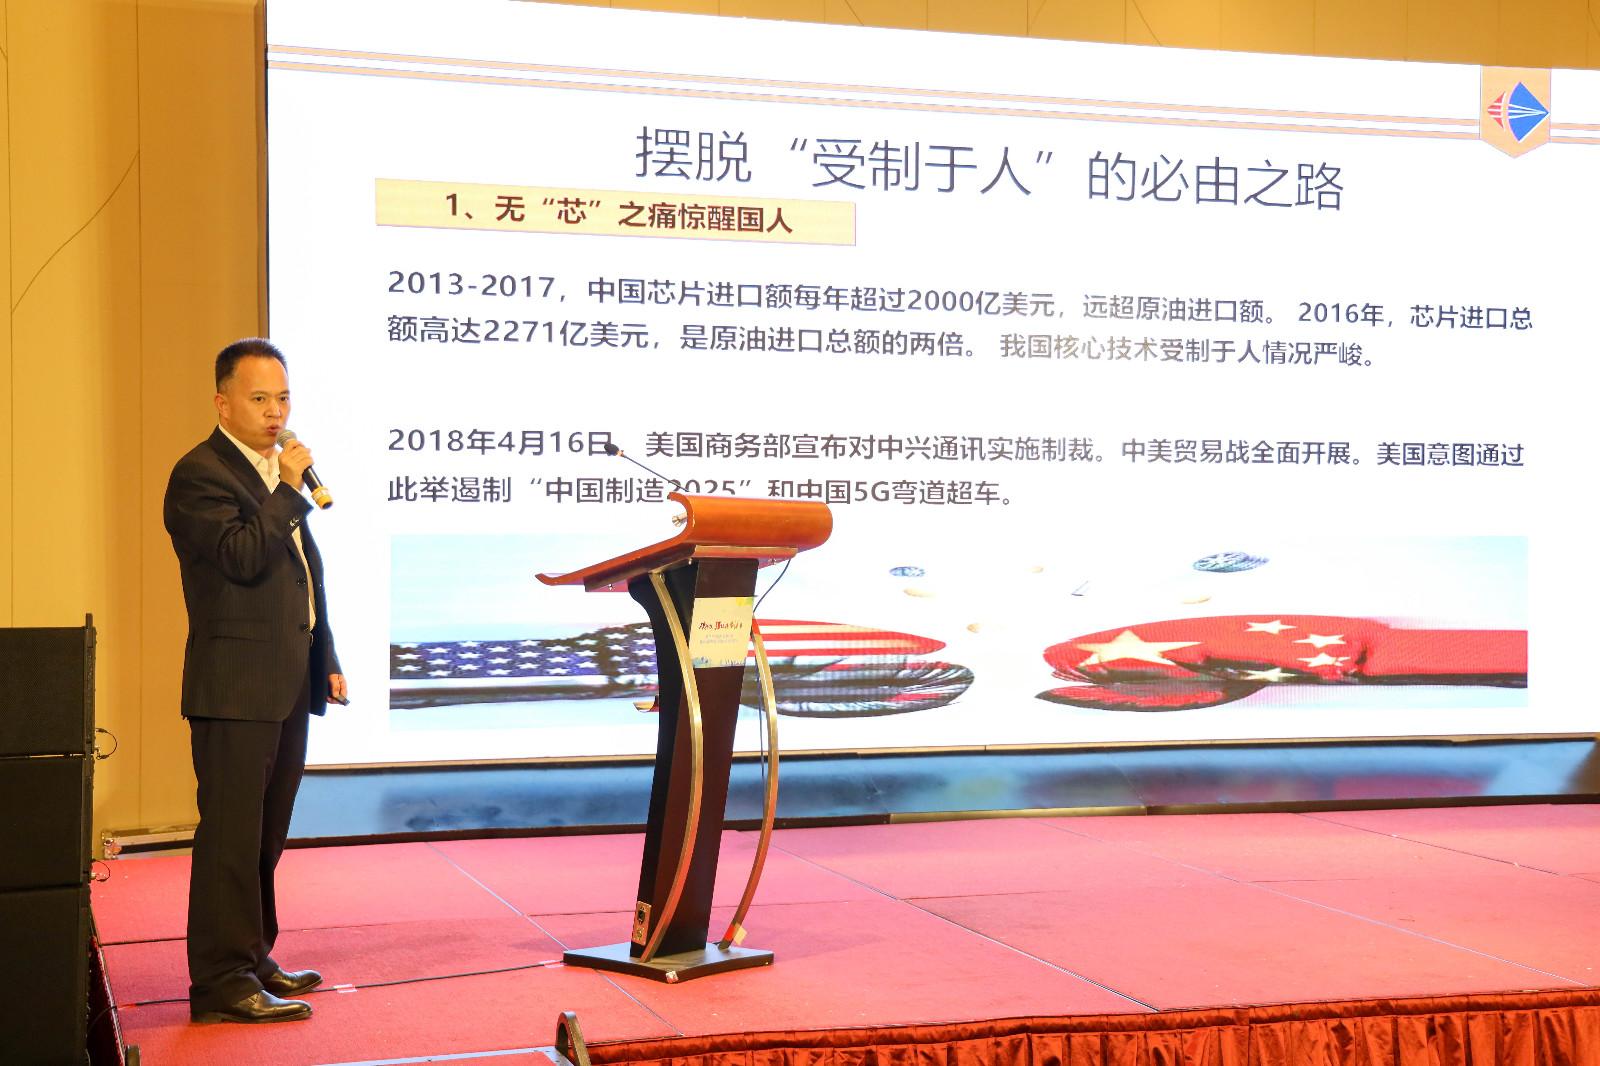 惠州仲恺高新区链接西安  将在硬科技领域展开深度合作